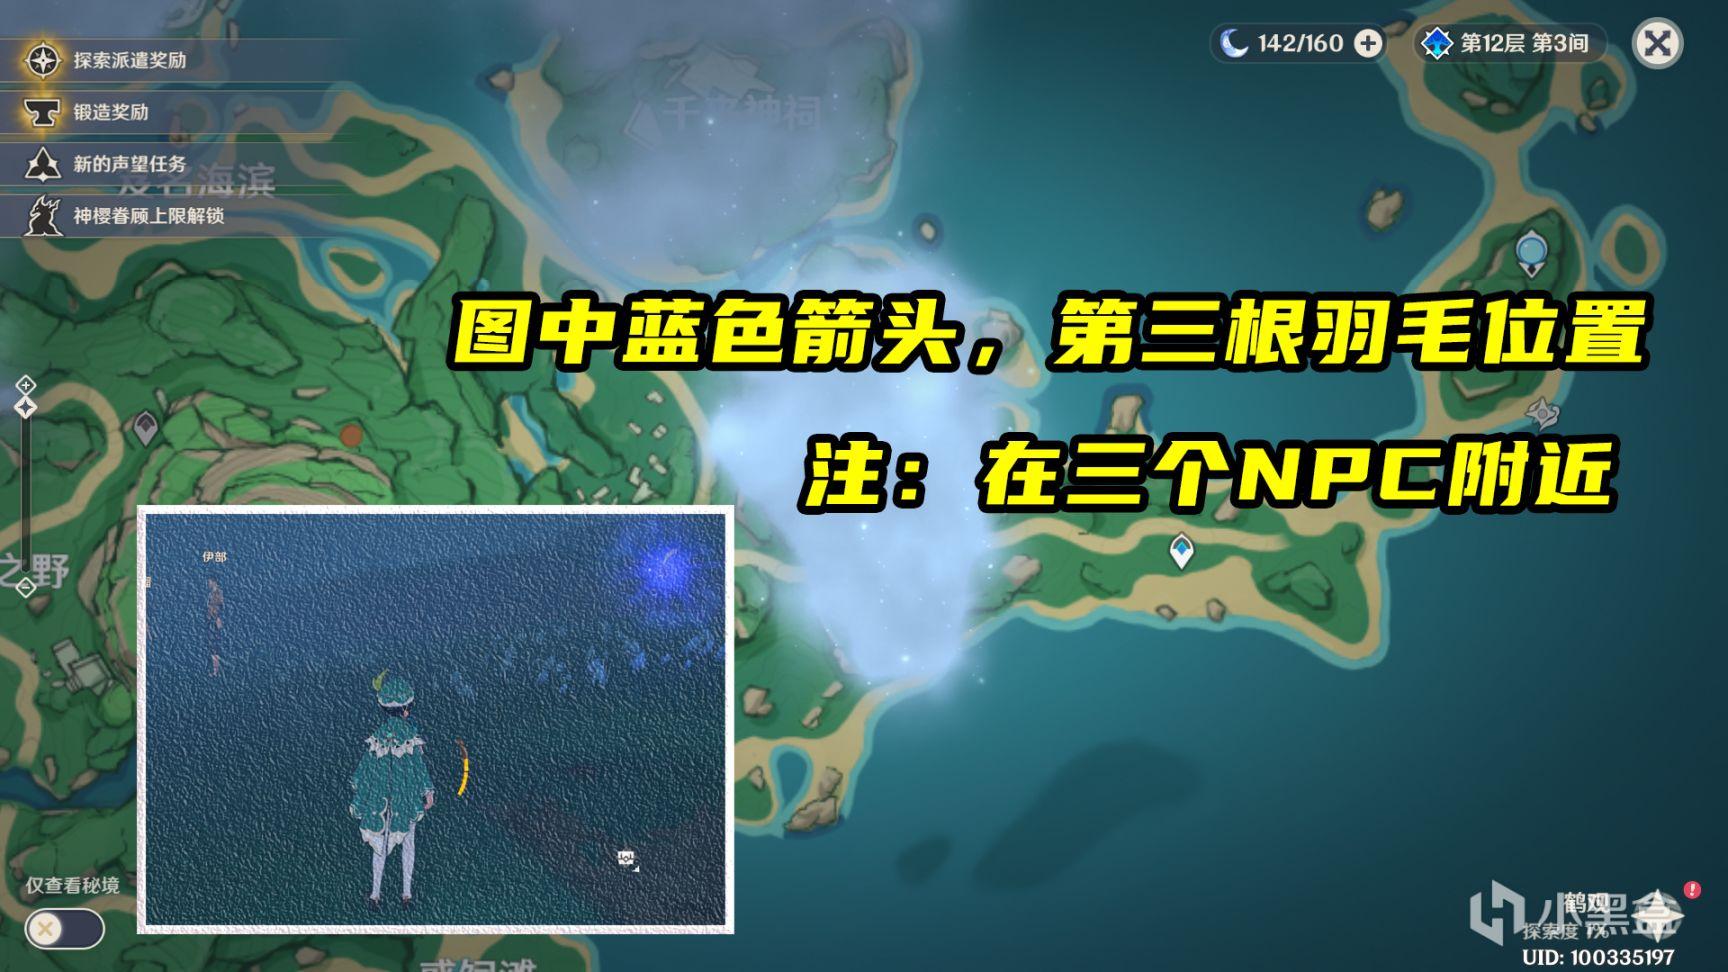 【雾海纪行】最详细的全攻略(多图警告)插图15